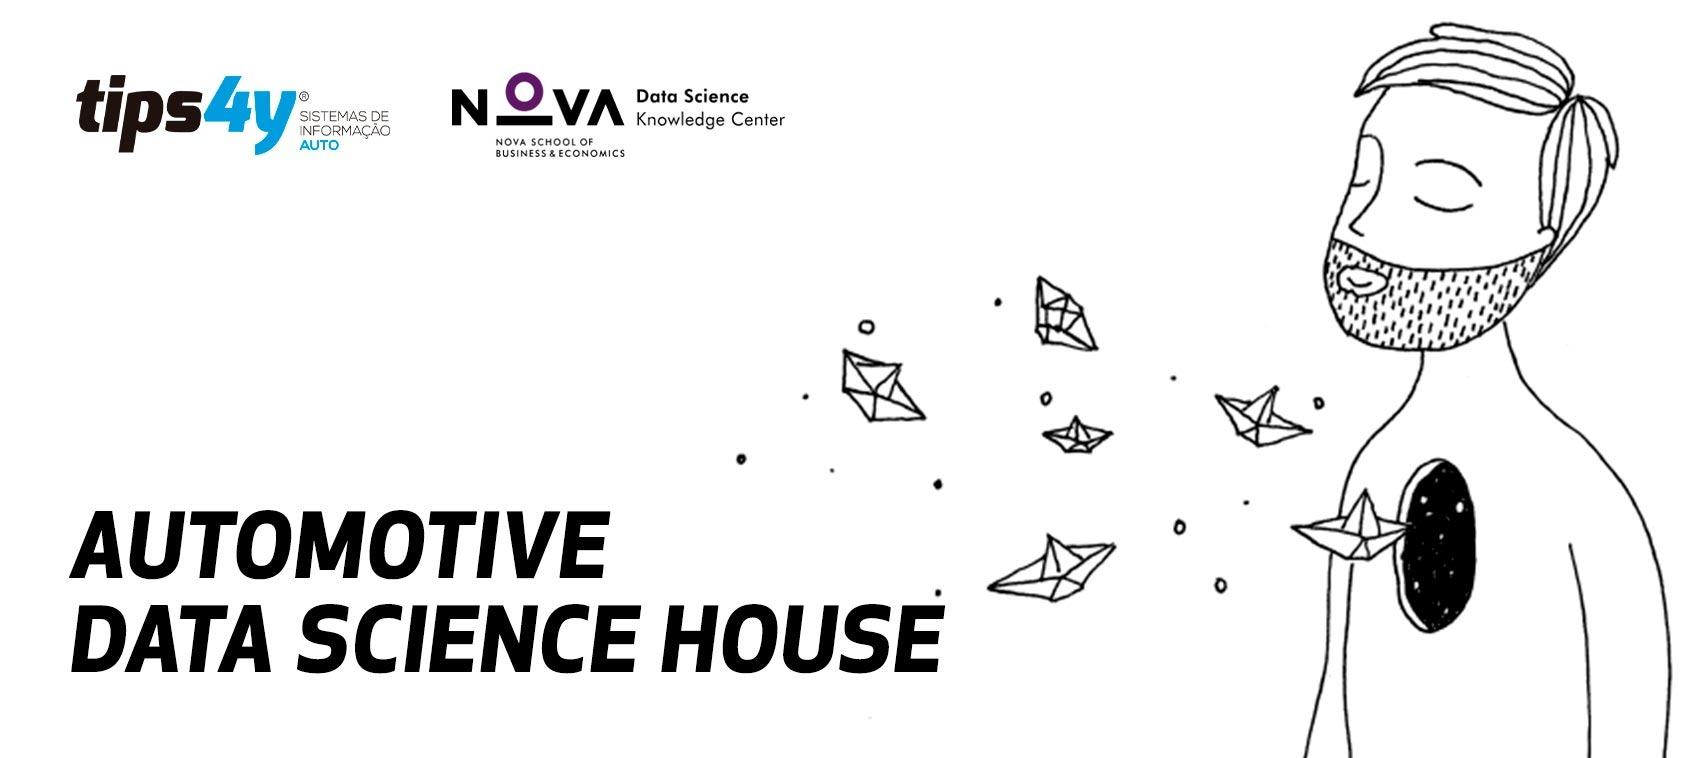 Automotive Data Science House com a NOVA SBE